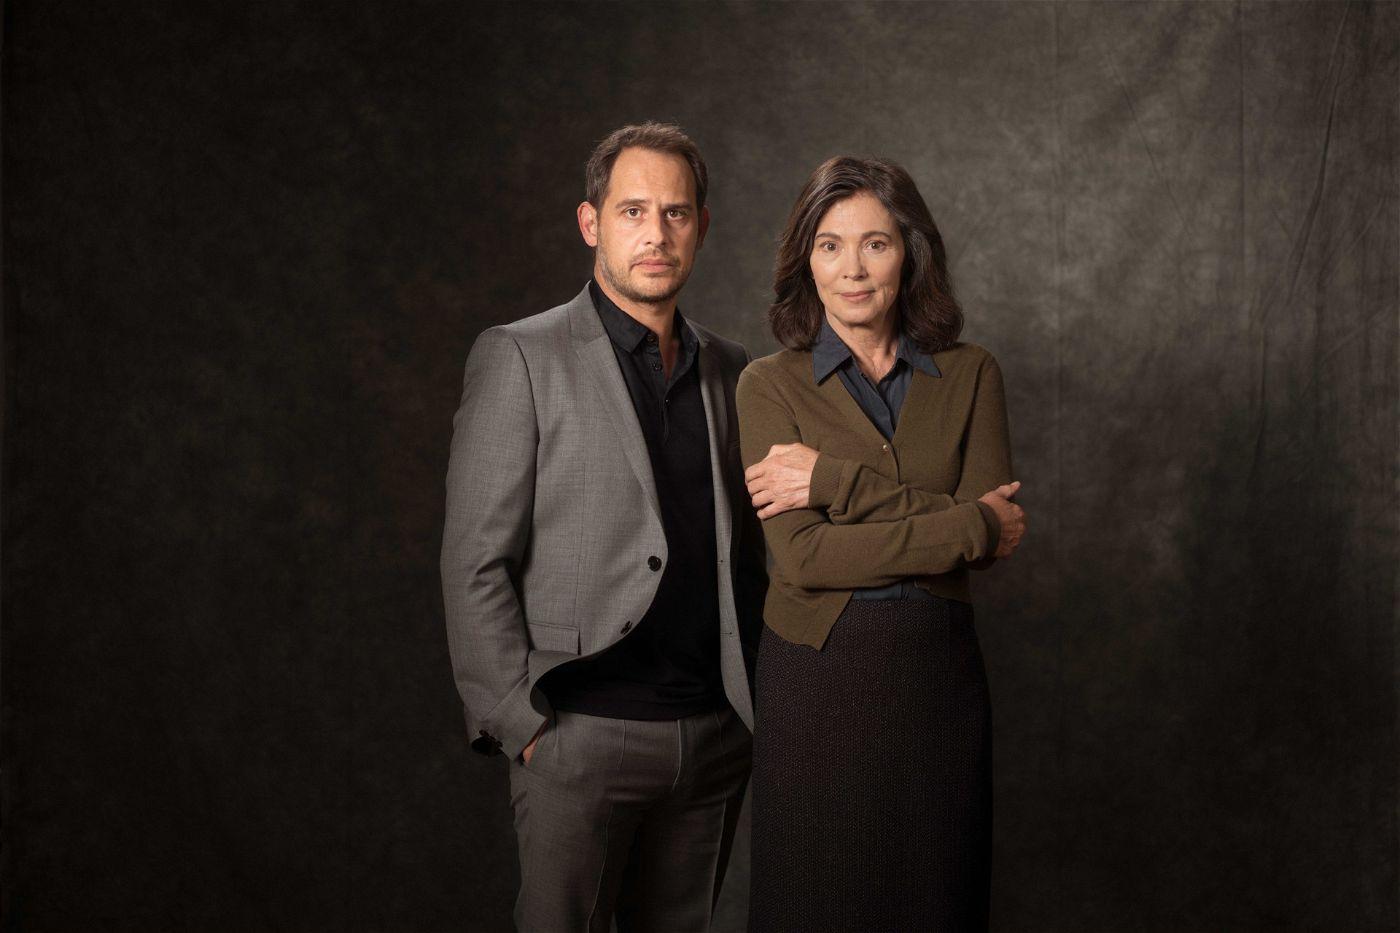 """Iris Berben spielt die Hauptrolle in der ZDF-Drama-Serie """"Die Protokollantin"""". Mit dabei ist auch Moritz Bleibtreu. Ein Starttermin für 2018 wurde noch nicht bekanntgegeben."""